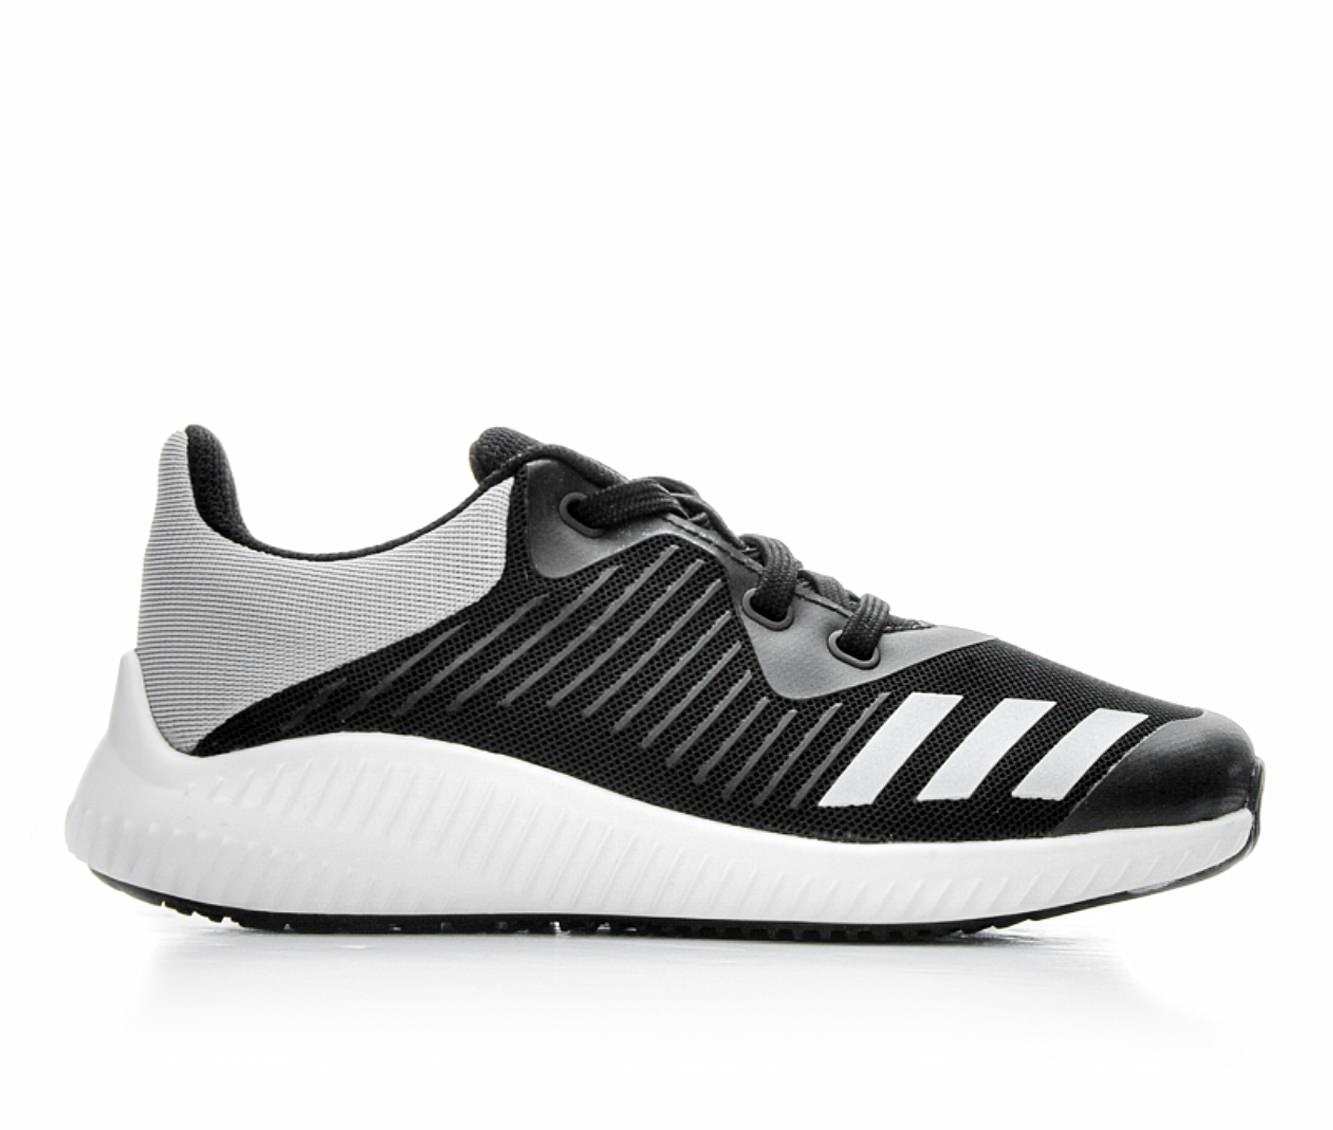 Boys' Adidas Fortarun K Running Shoes (Black - Size 4.5 - Big Kid) 1615676